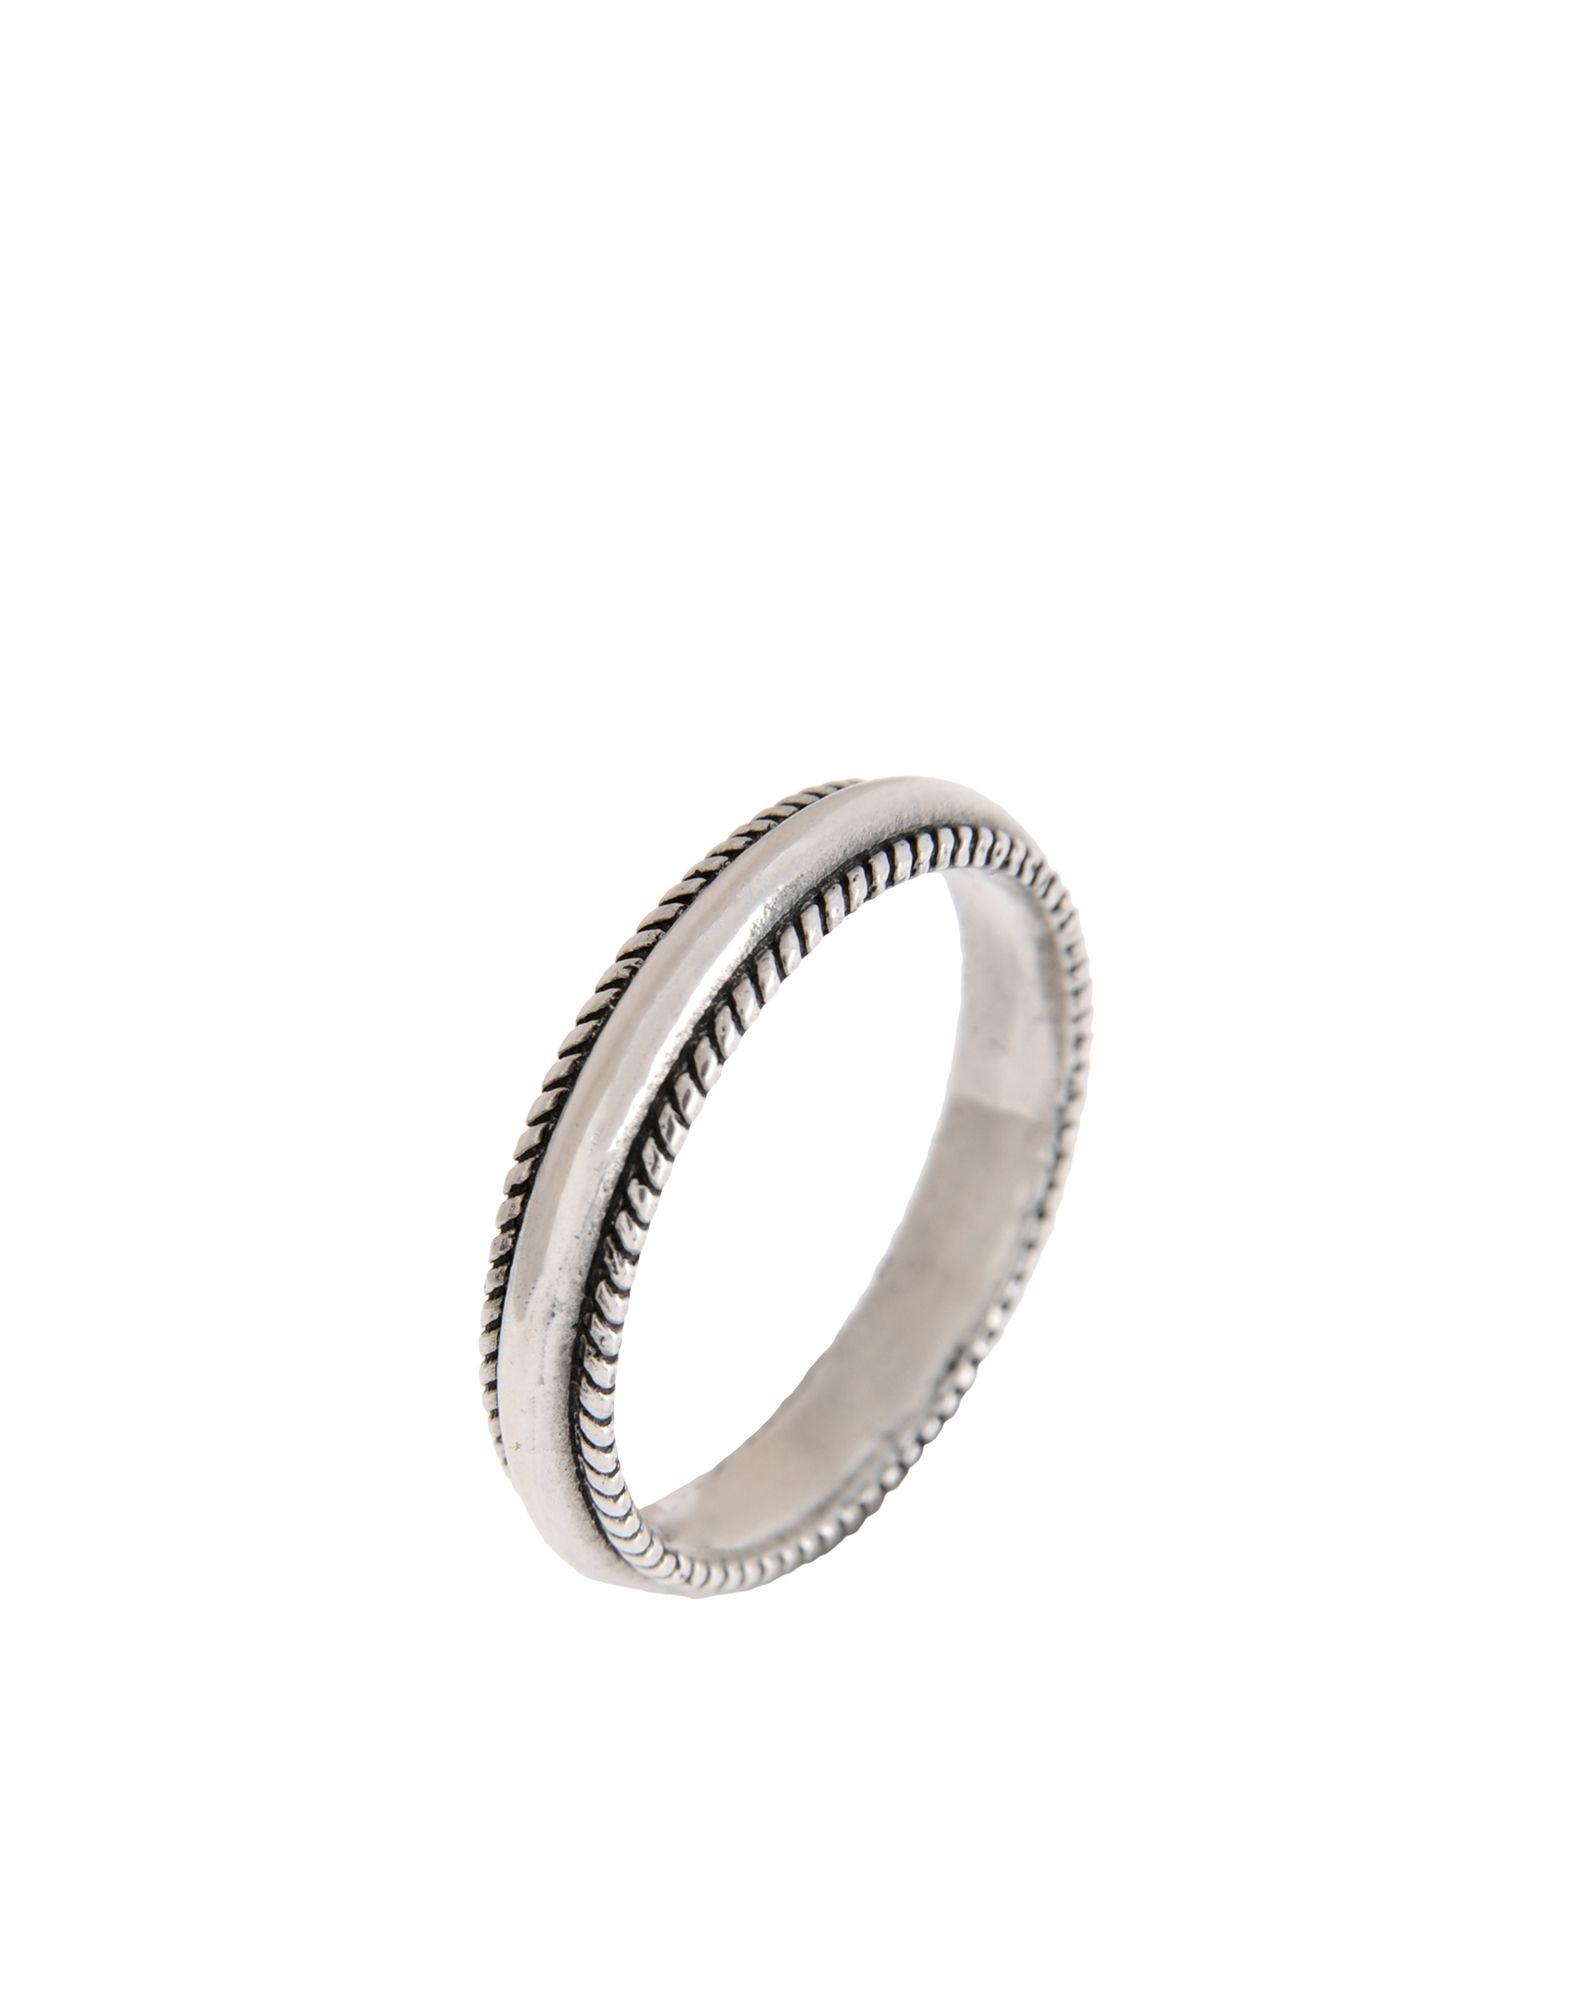 《セール開催中》FIRST PEOPLE FIRST メンズ 指輪 シルバー S シルバー925/1000 EDGE BAND